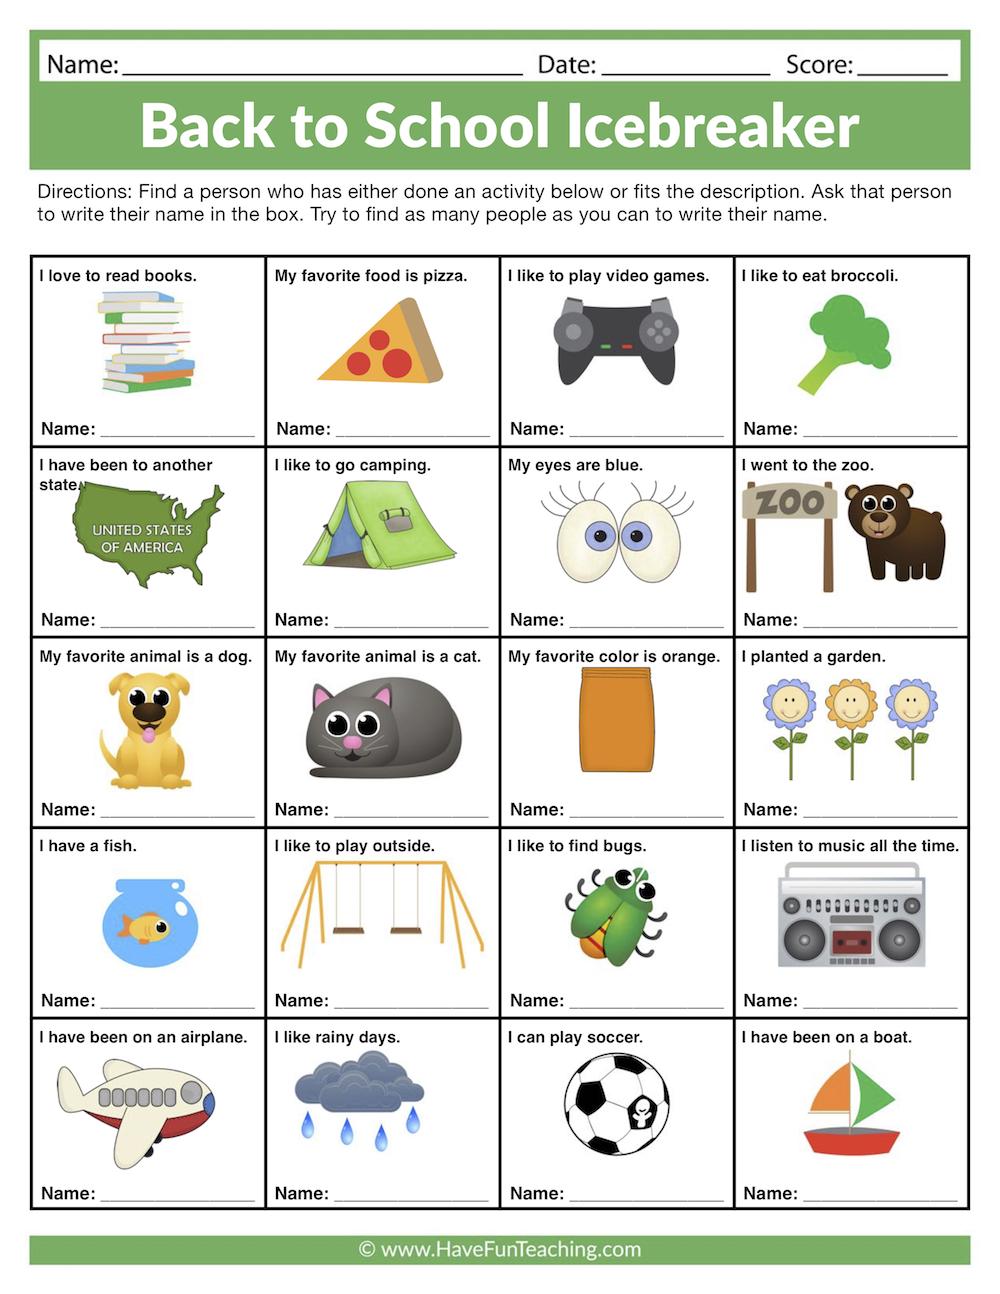 medium resolution of Back to School Icebreaker Worksheet • Have Fun Teaching